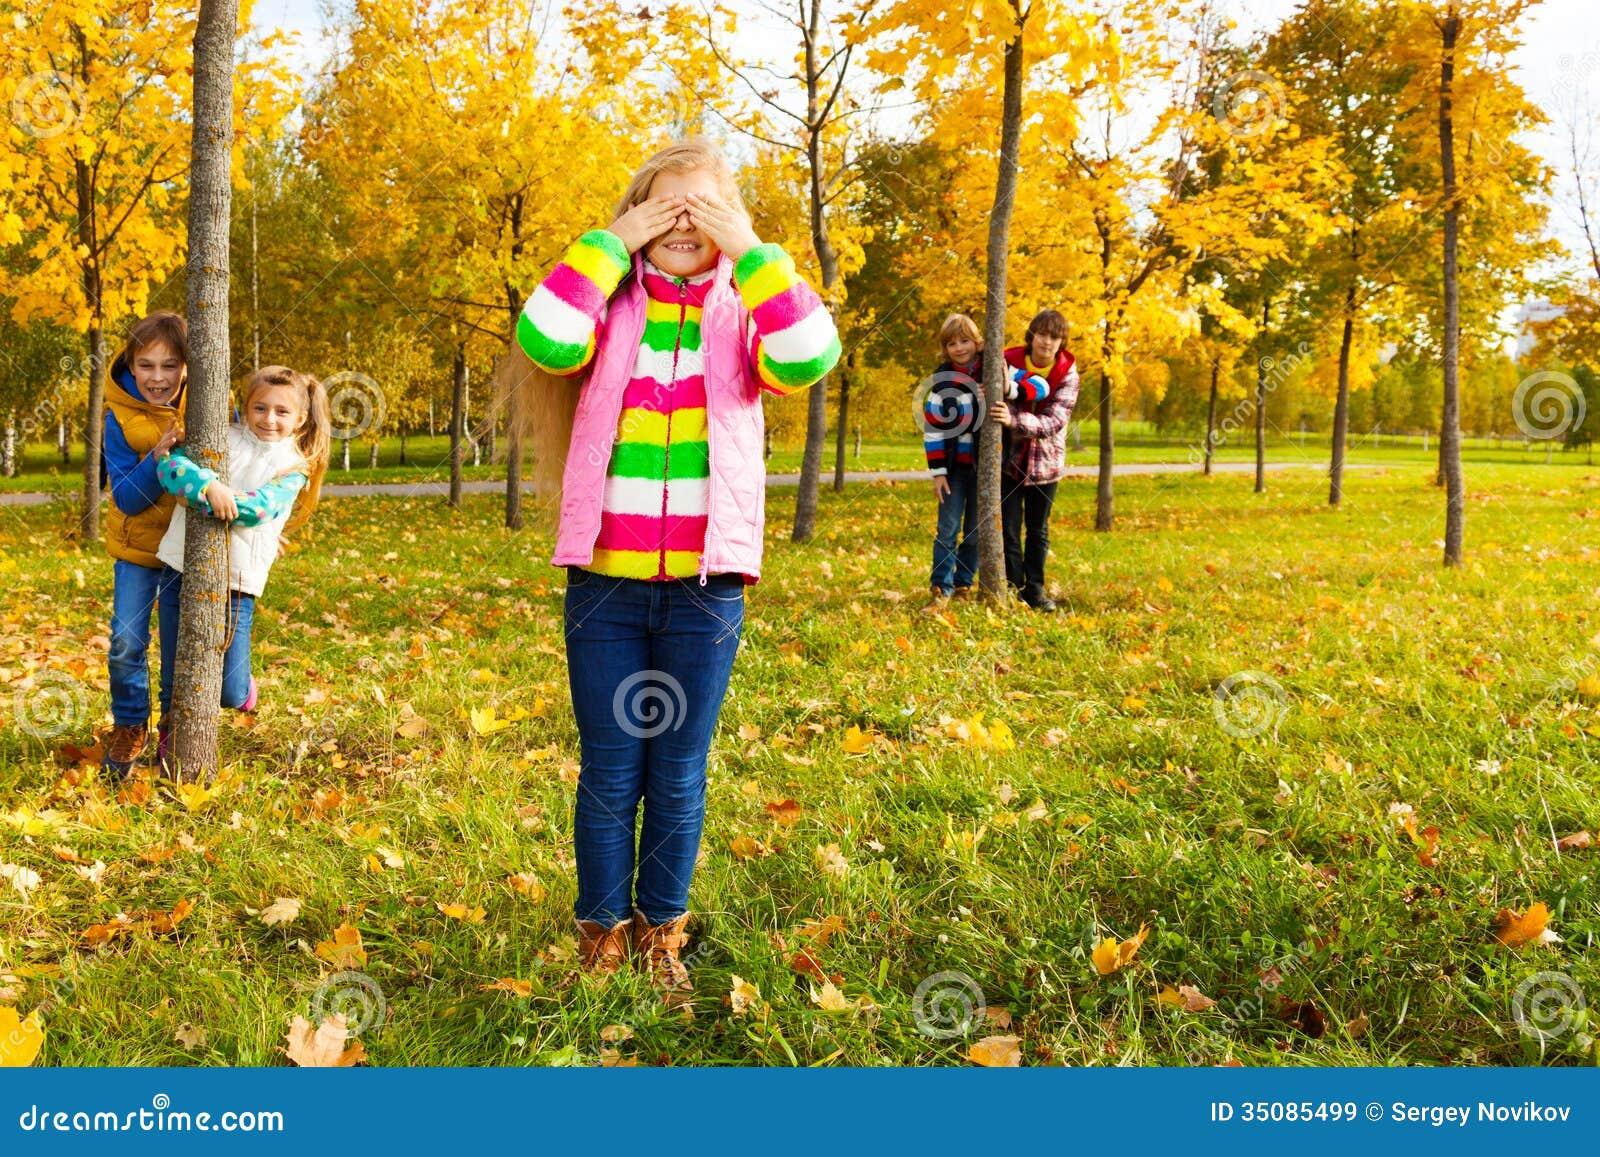 Hide Seek Kids: Girl Play Hide And Seek With Friends Royalty Free Stock